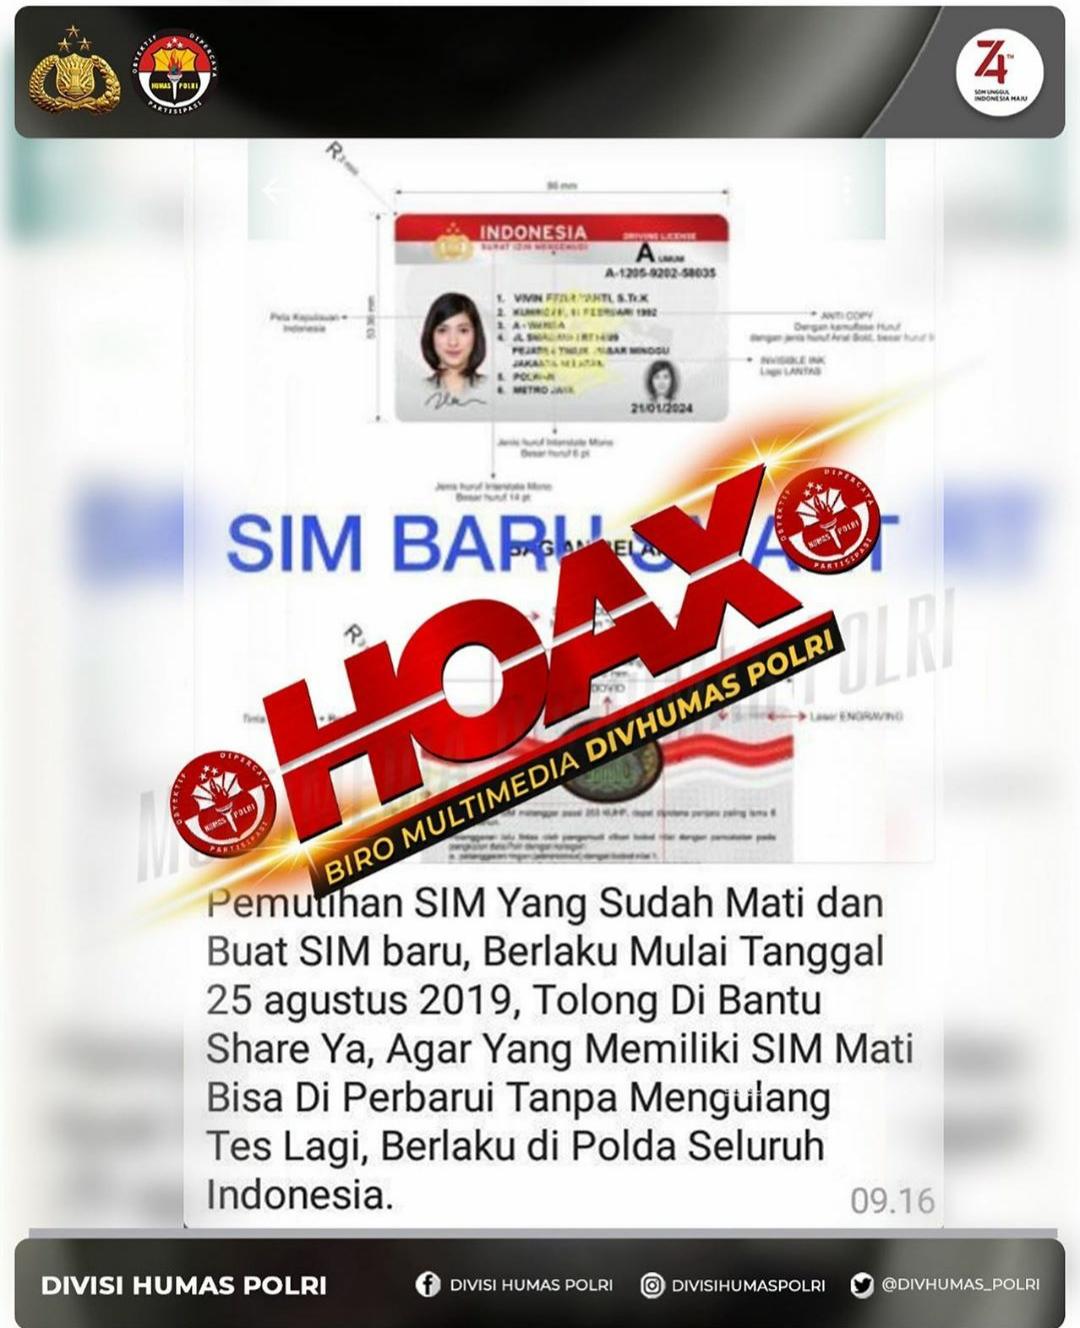 [HOAX] Pemutihan SIM yang Sudah Mati